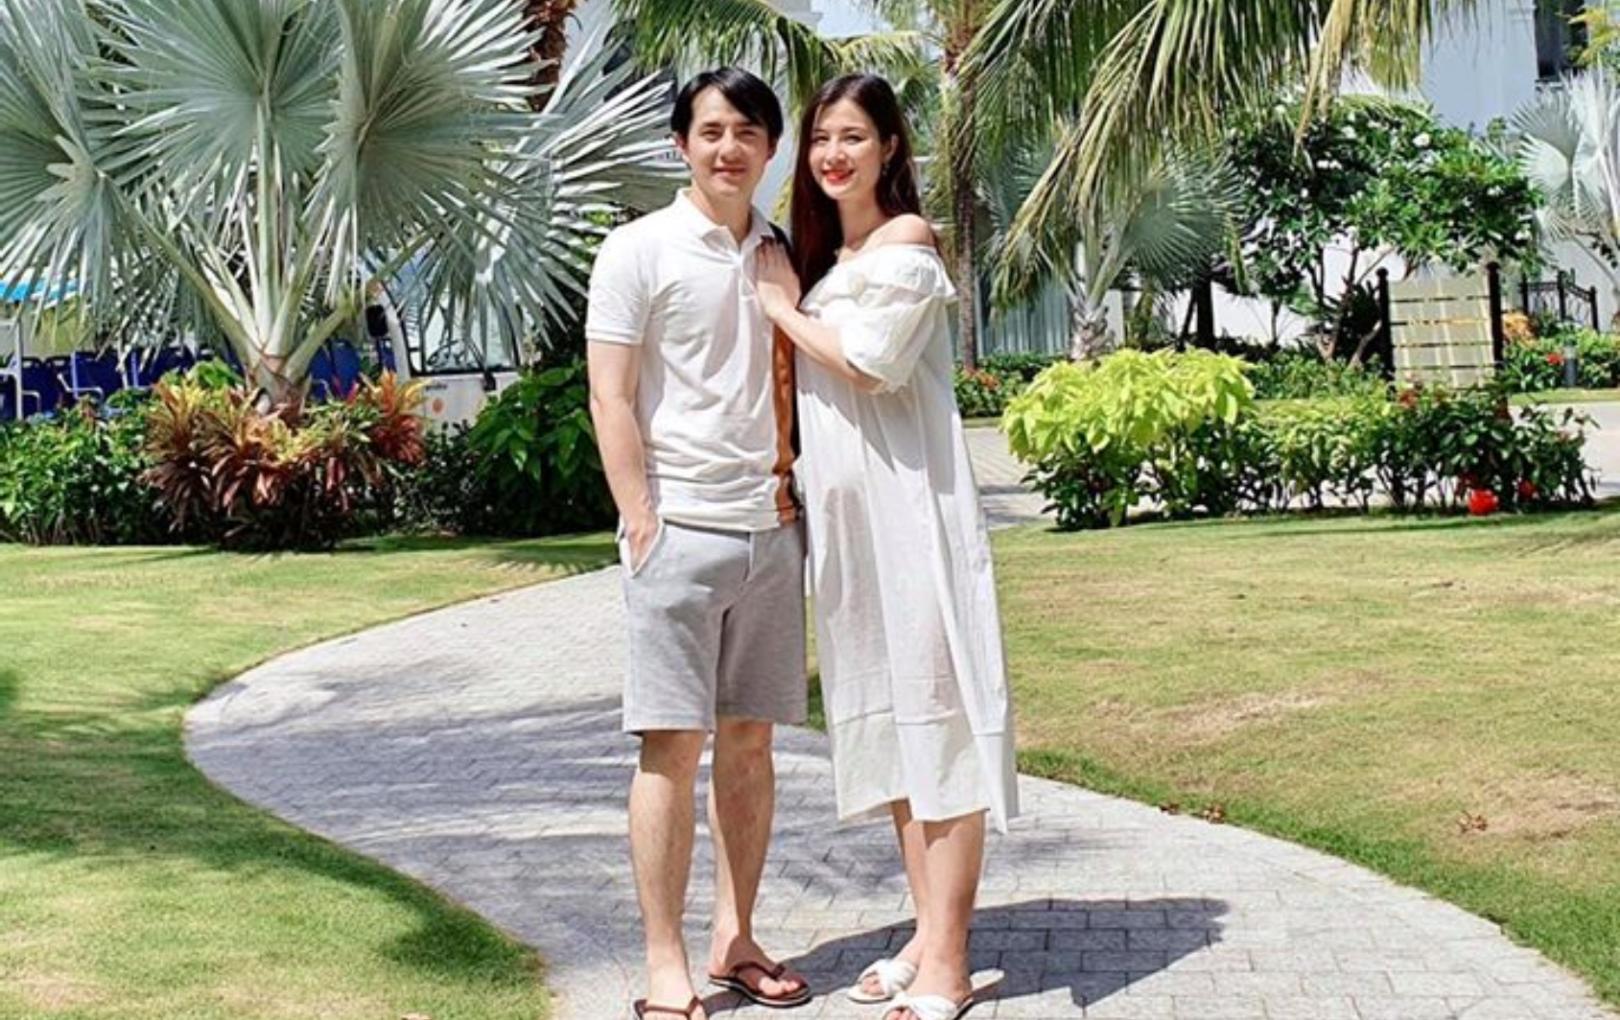 """Đông Nhi - Ông Cao Thắng quay lại nơi tổ chức đám cưới, có cả """"củ khoai nhỏ"""" đi cùng"""